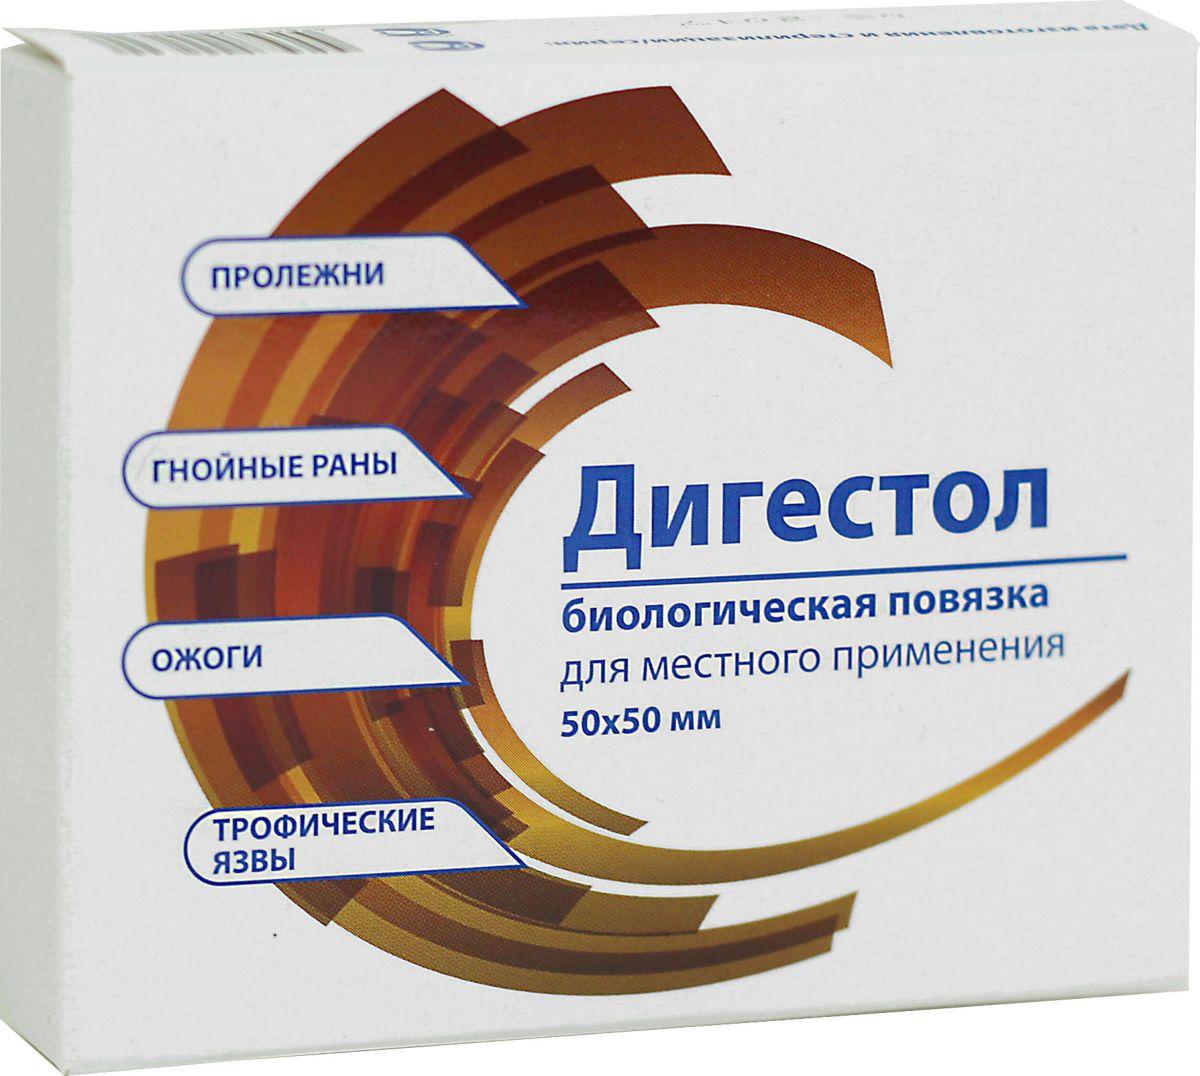 Повязка биологическая Дигестол, 50 х 50 мм61093Саморассасывающееся раневое покрытие с антибактериальным и очищающим действием. Используется в стоматологии и в хирургии.